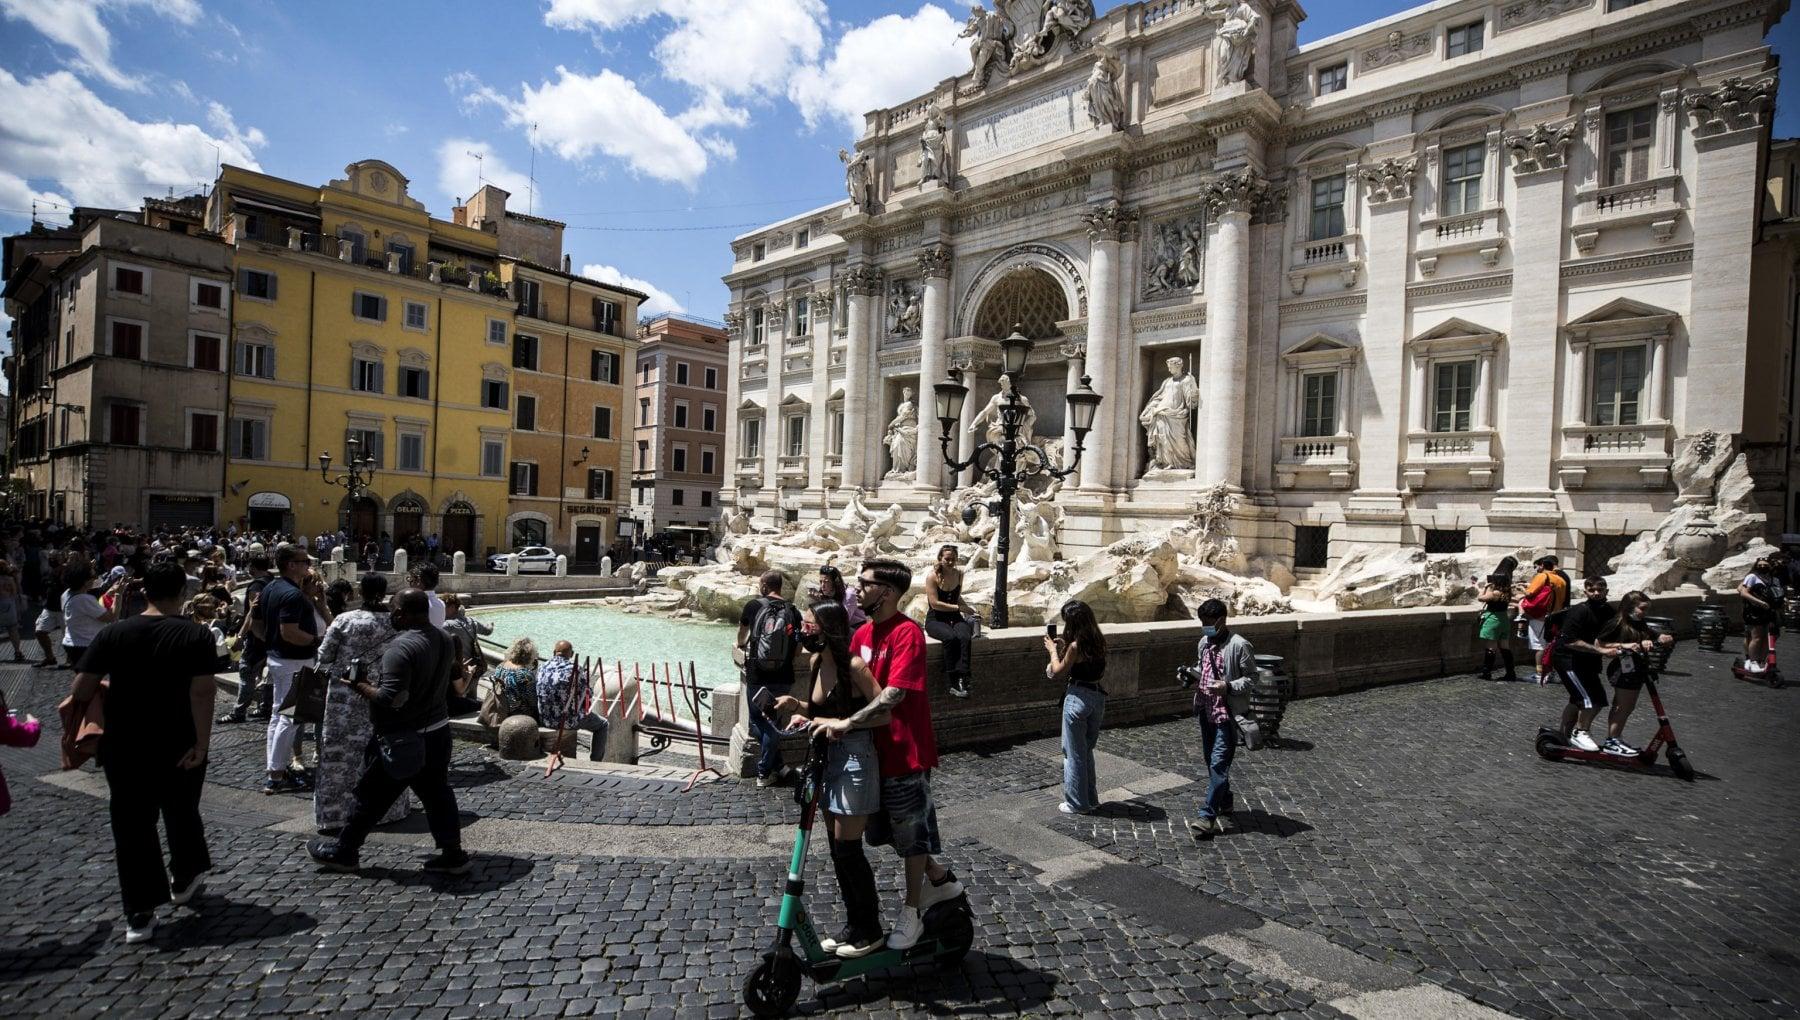 221647351 7315ab24 1a1b 46b0 afac b6710217771b - Le ferite di Roma che neanche il rumore riesce a nascondere